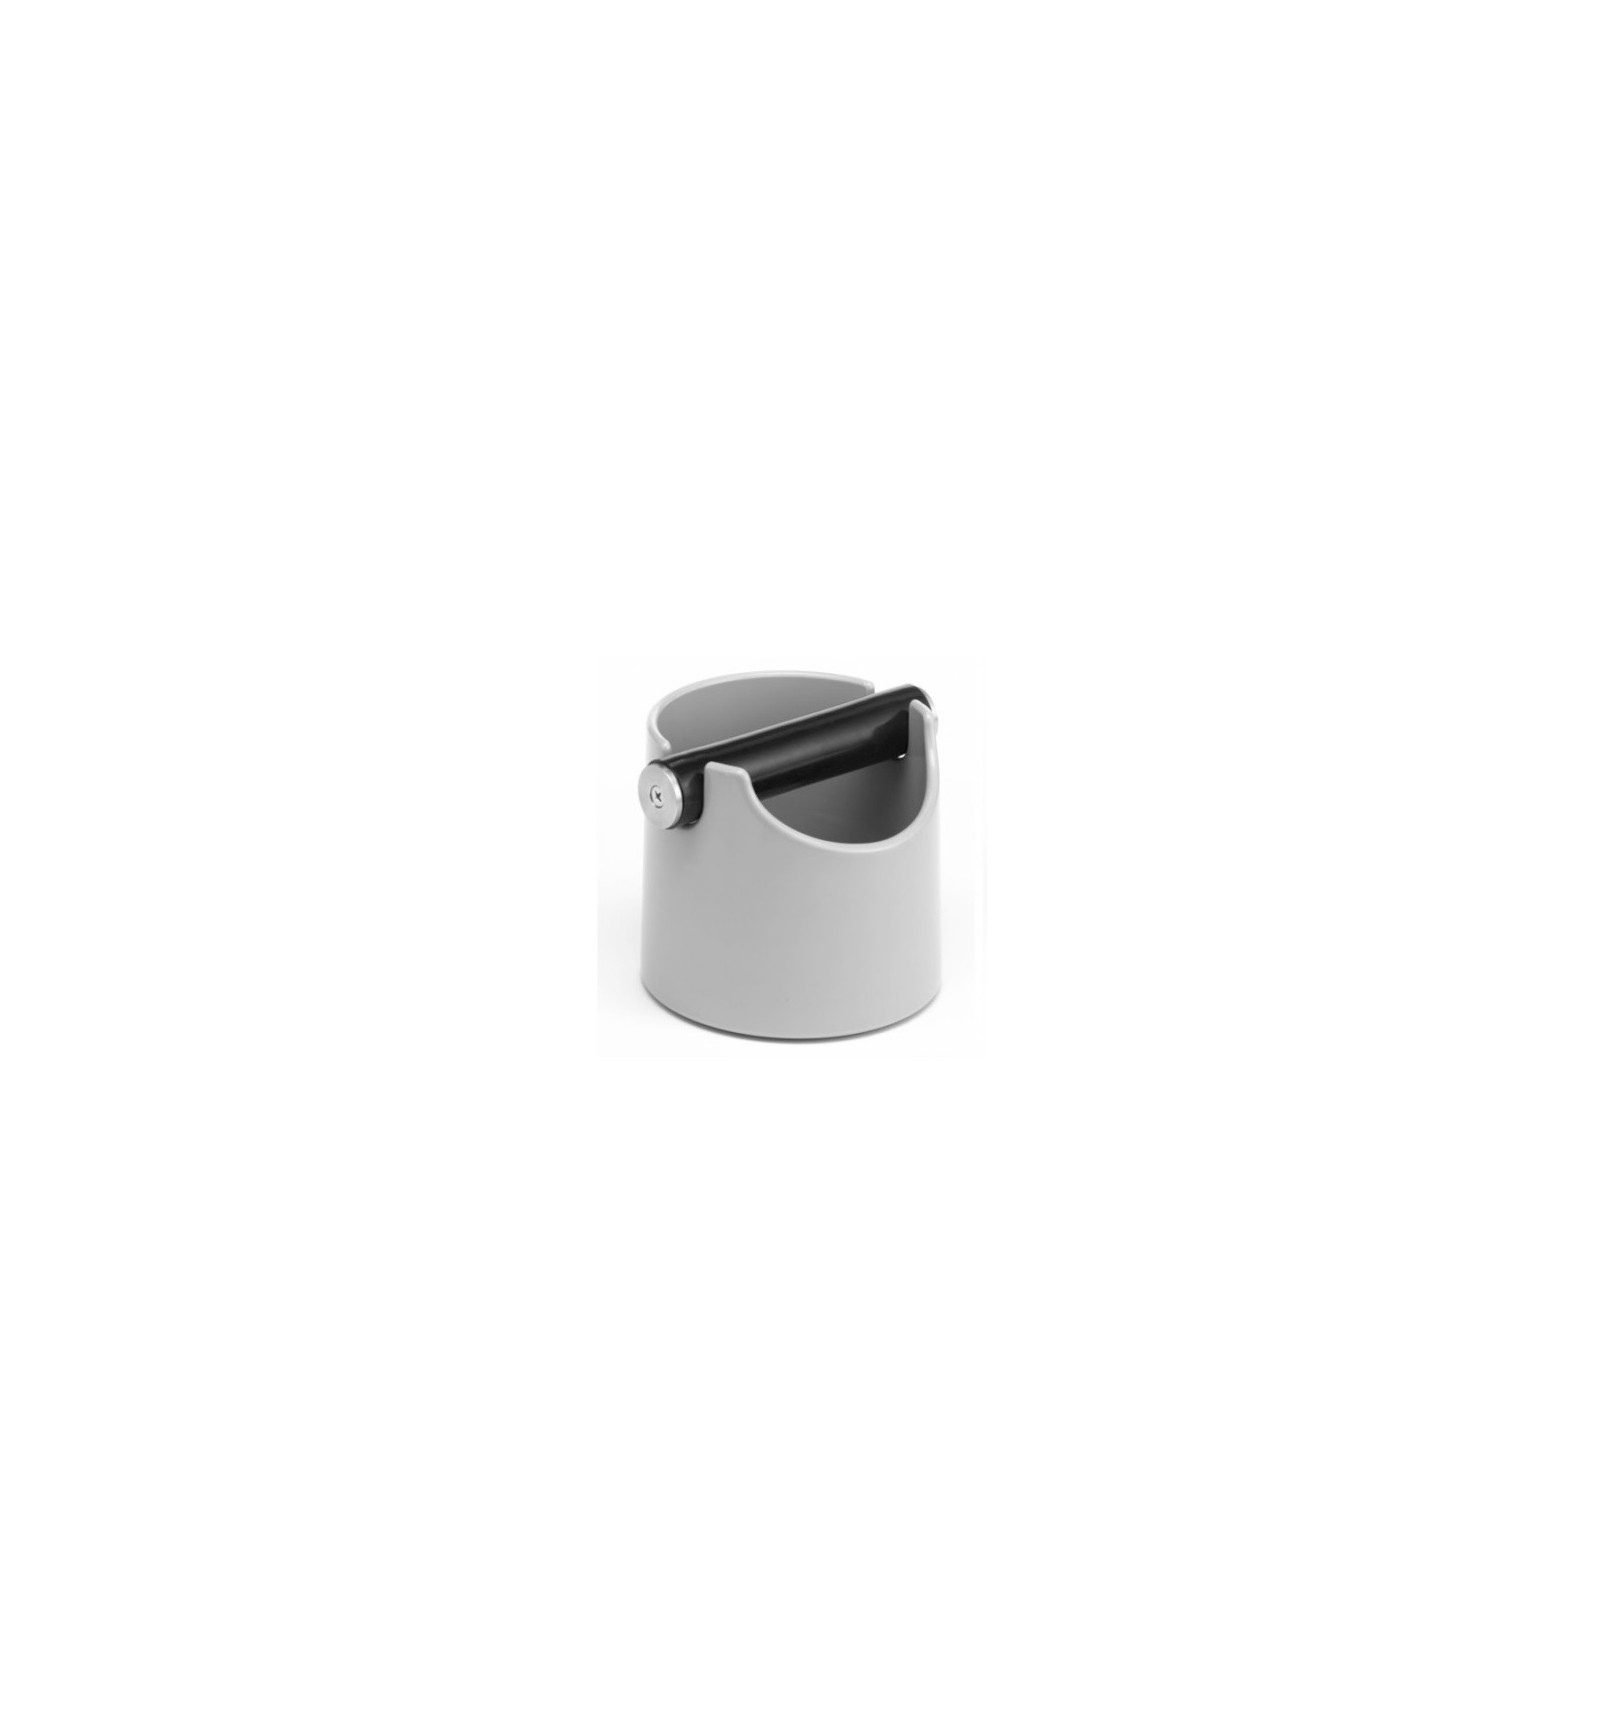 bac marc plastique rond 119 x 102 mm. Black Bedroom Furniture Sets. Home Design Ideas